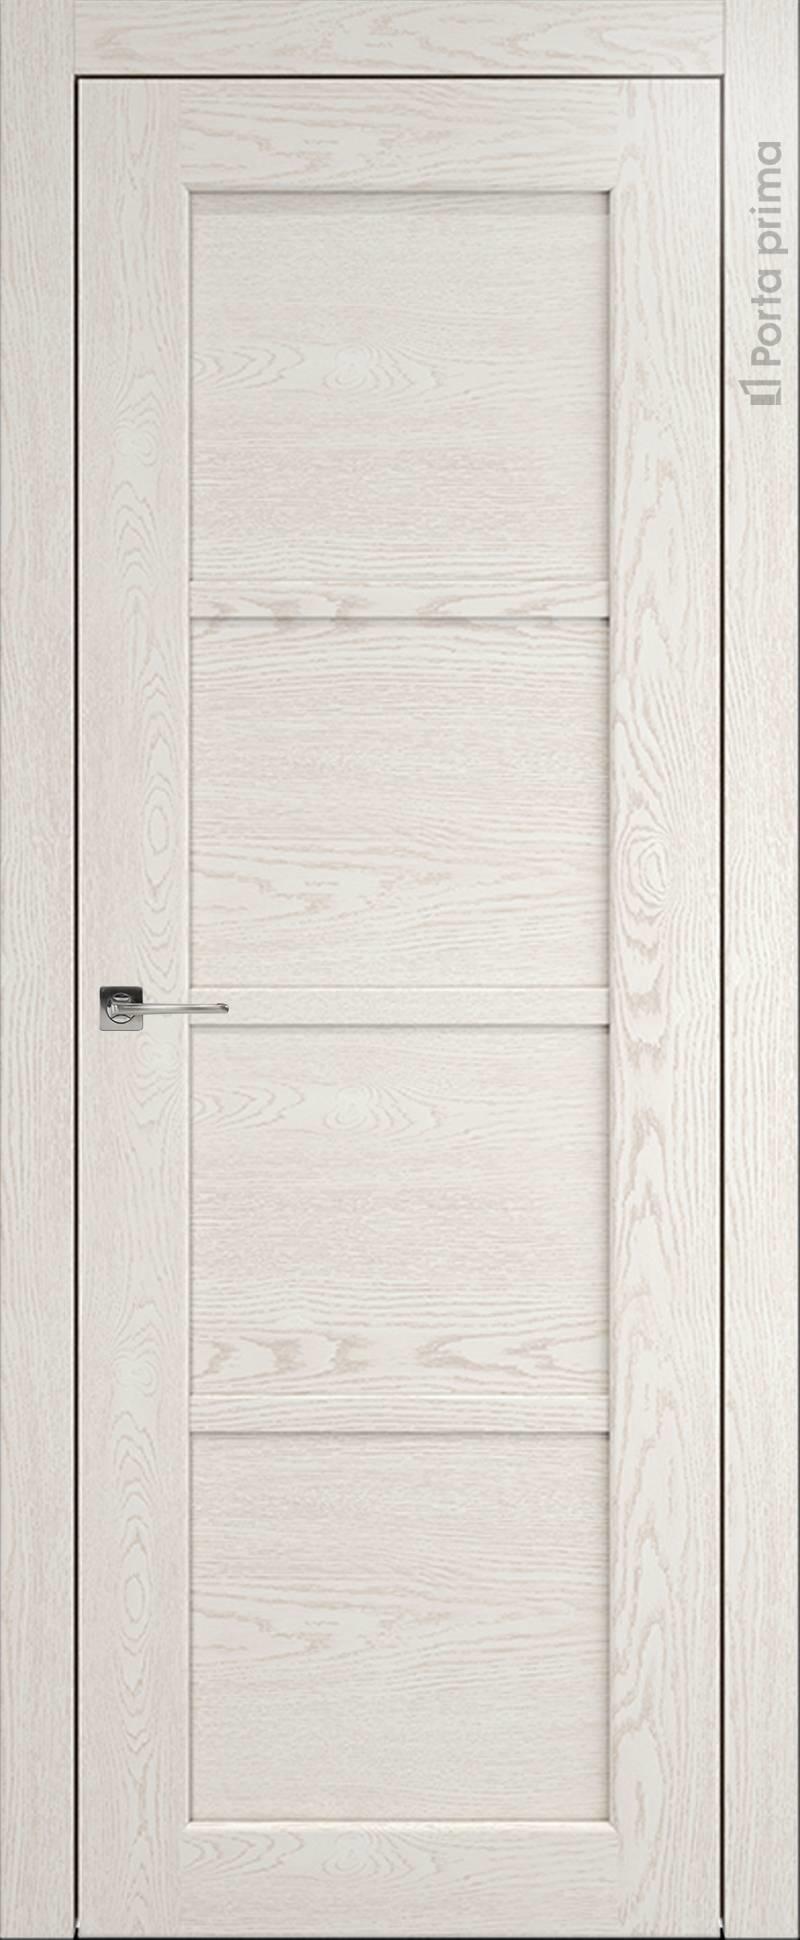 Felicia цвет - Белый ясень (nano-flex) Без стекла (ДГ)